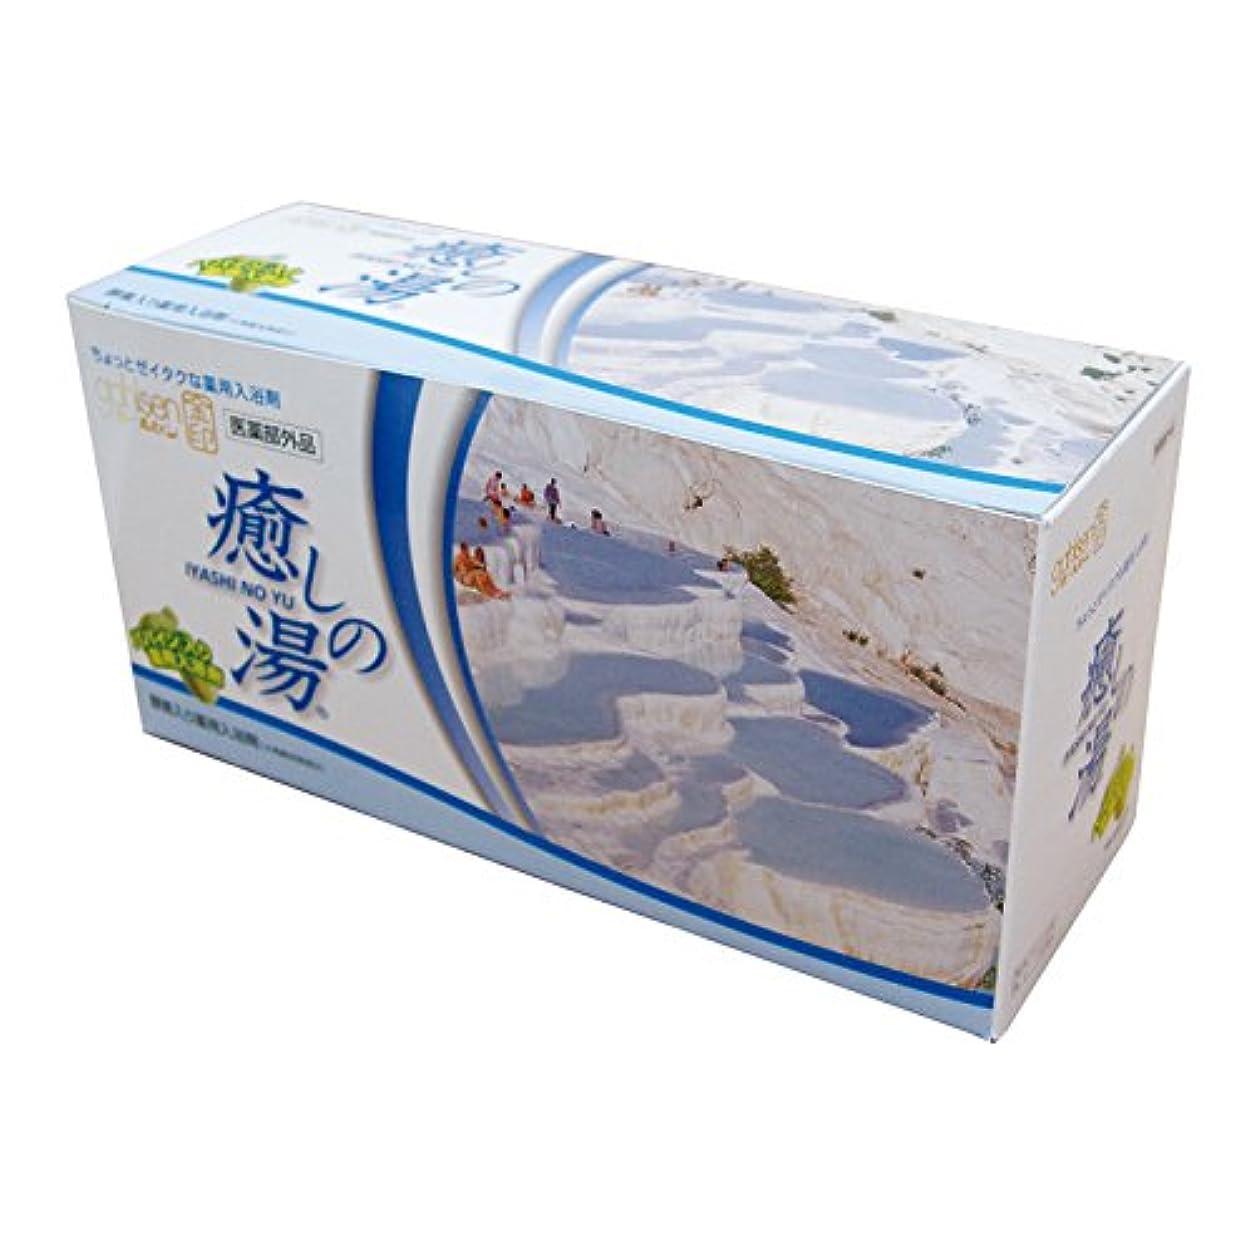 オアシス選択する急襲Bath Terminal 【入浴剤】ガールセン 癒しの湯 金印 30包入【日本生化学正規代理店】